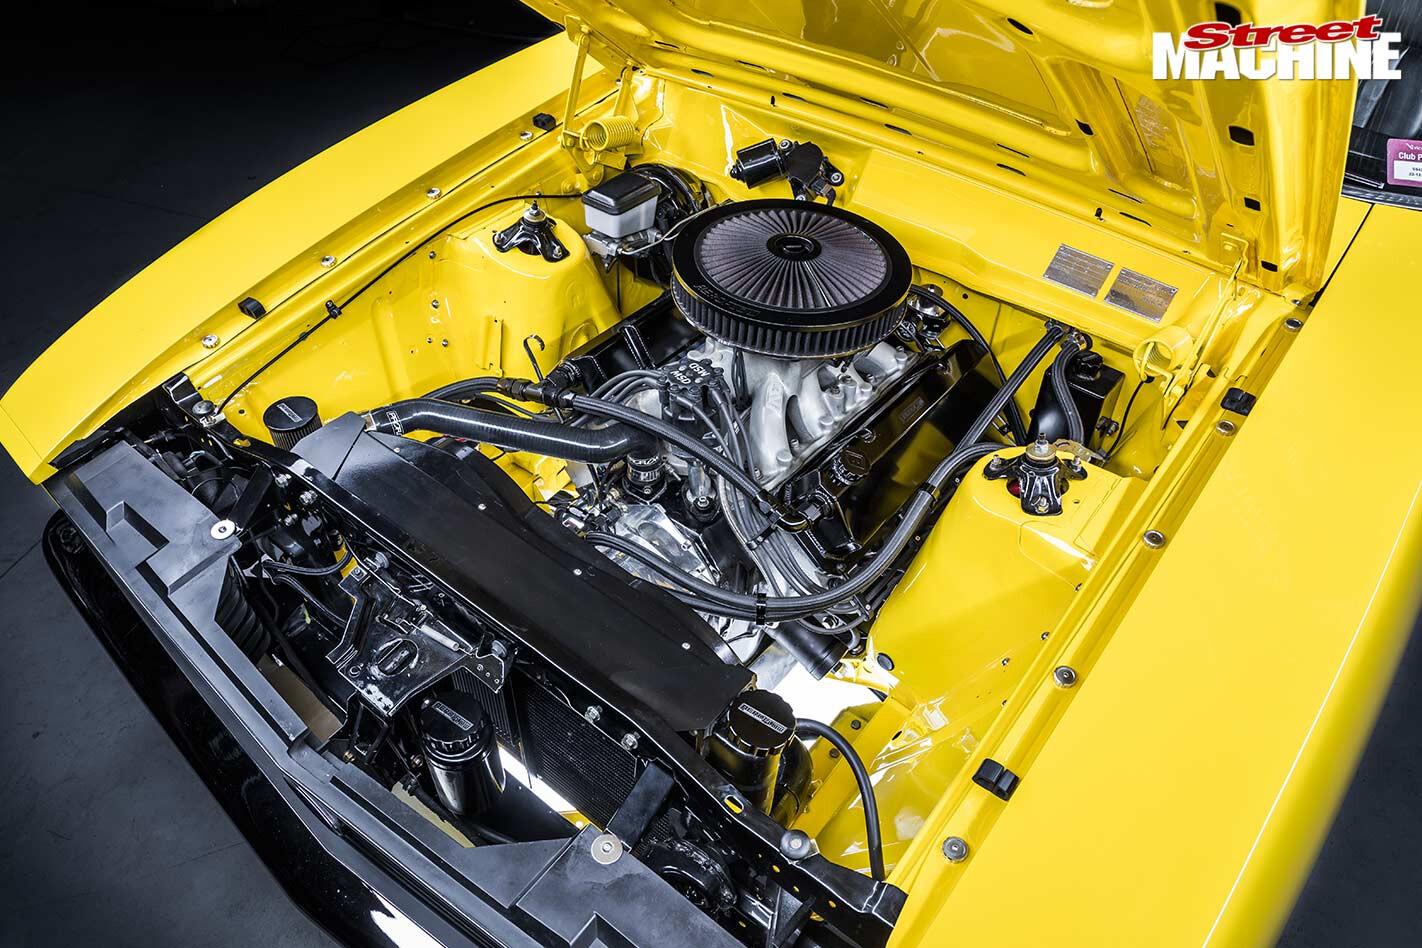 Ford XC Falcon engine bay